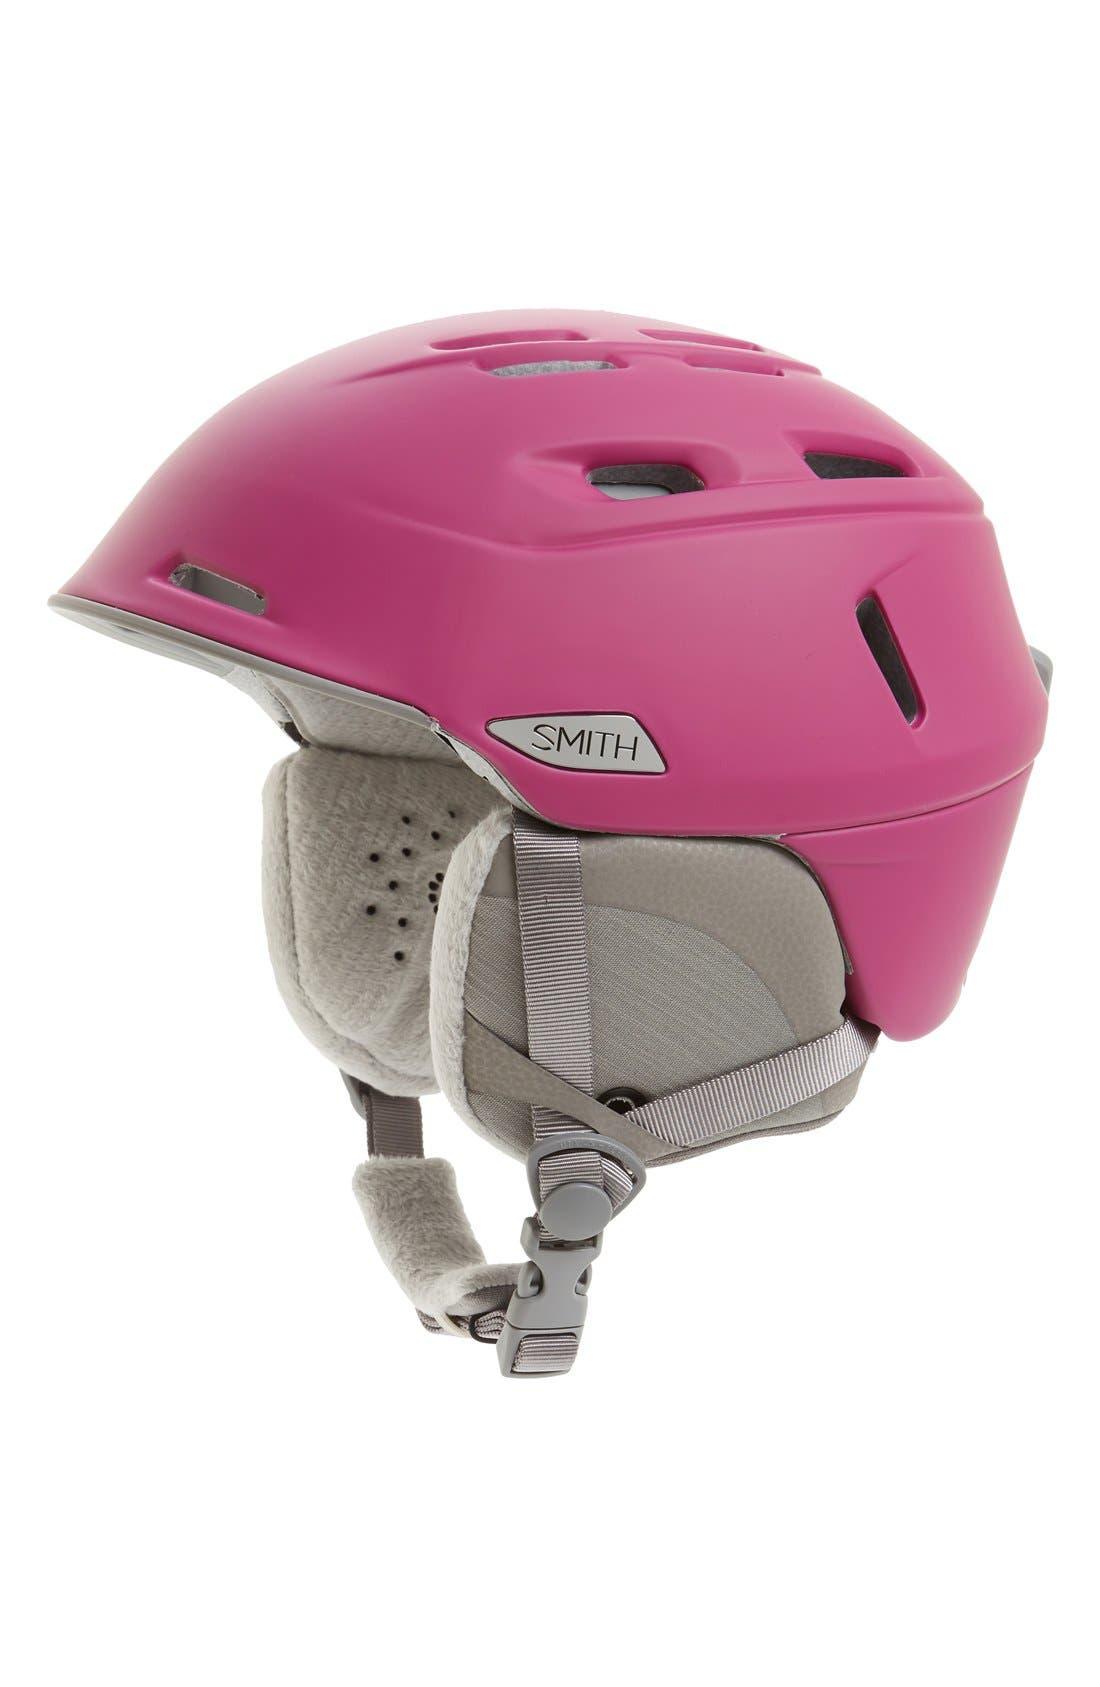 Smith 'Compass' Snow Helmet